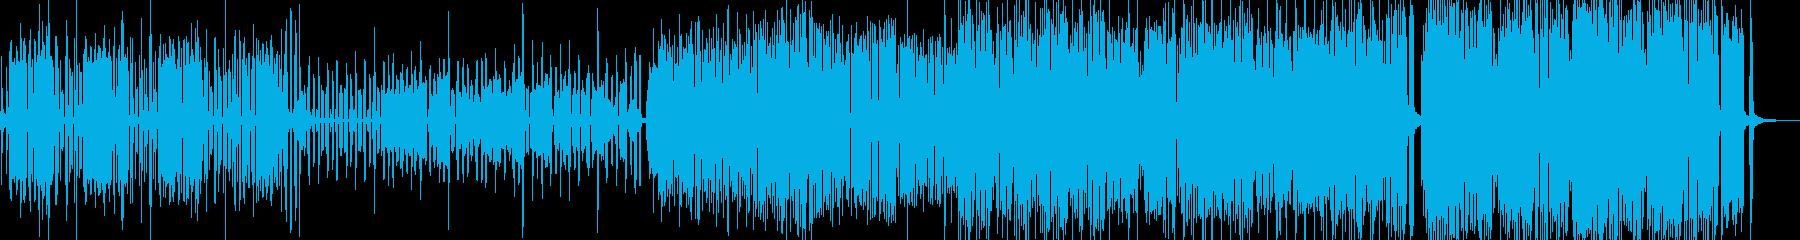 滑稽な三味線・おマヌケポップ Aの再生済みの波形